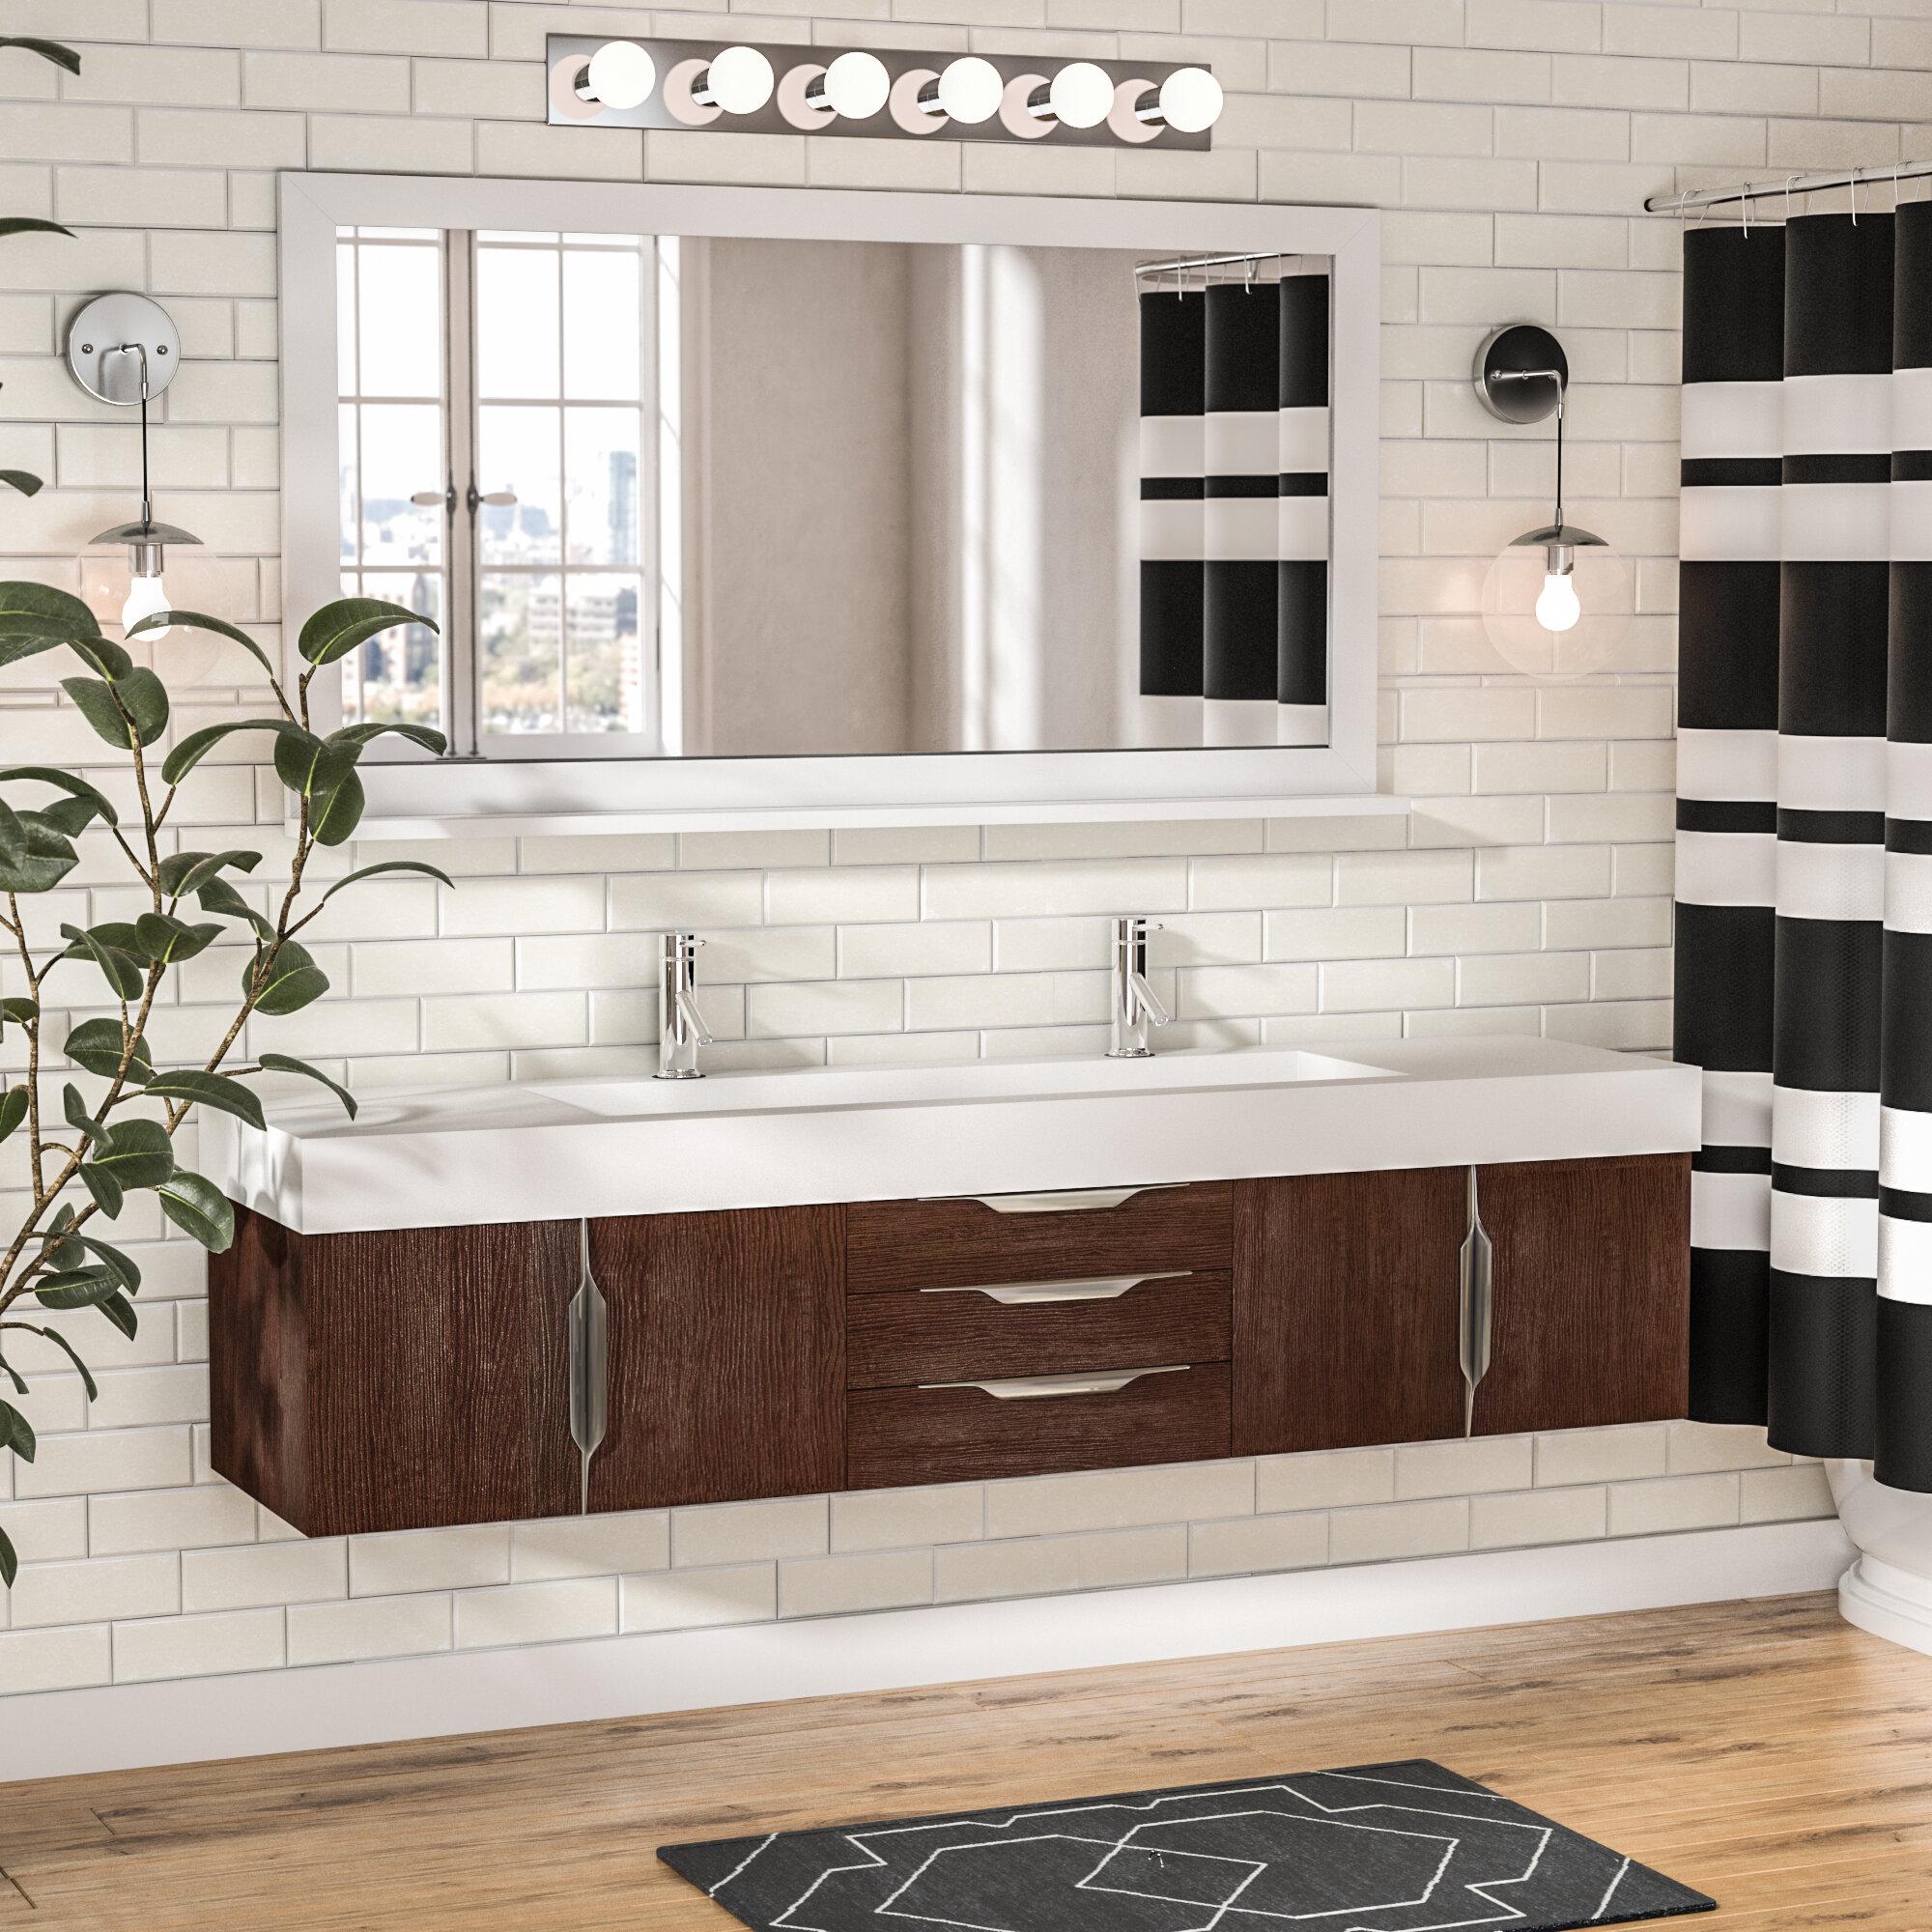 Brayden Studio Hukill 72 Wall Mounted Double Bathroom Vanity Set